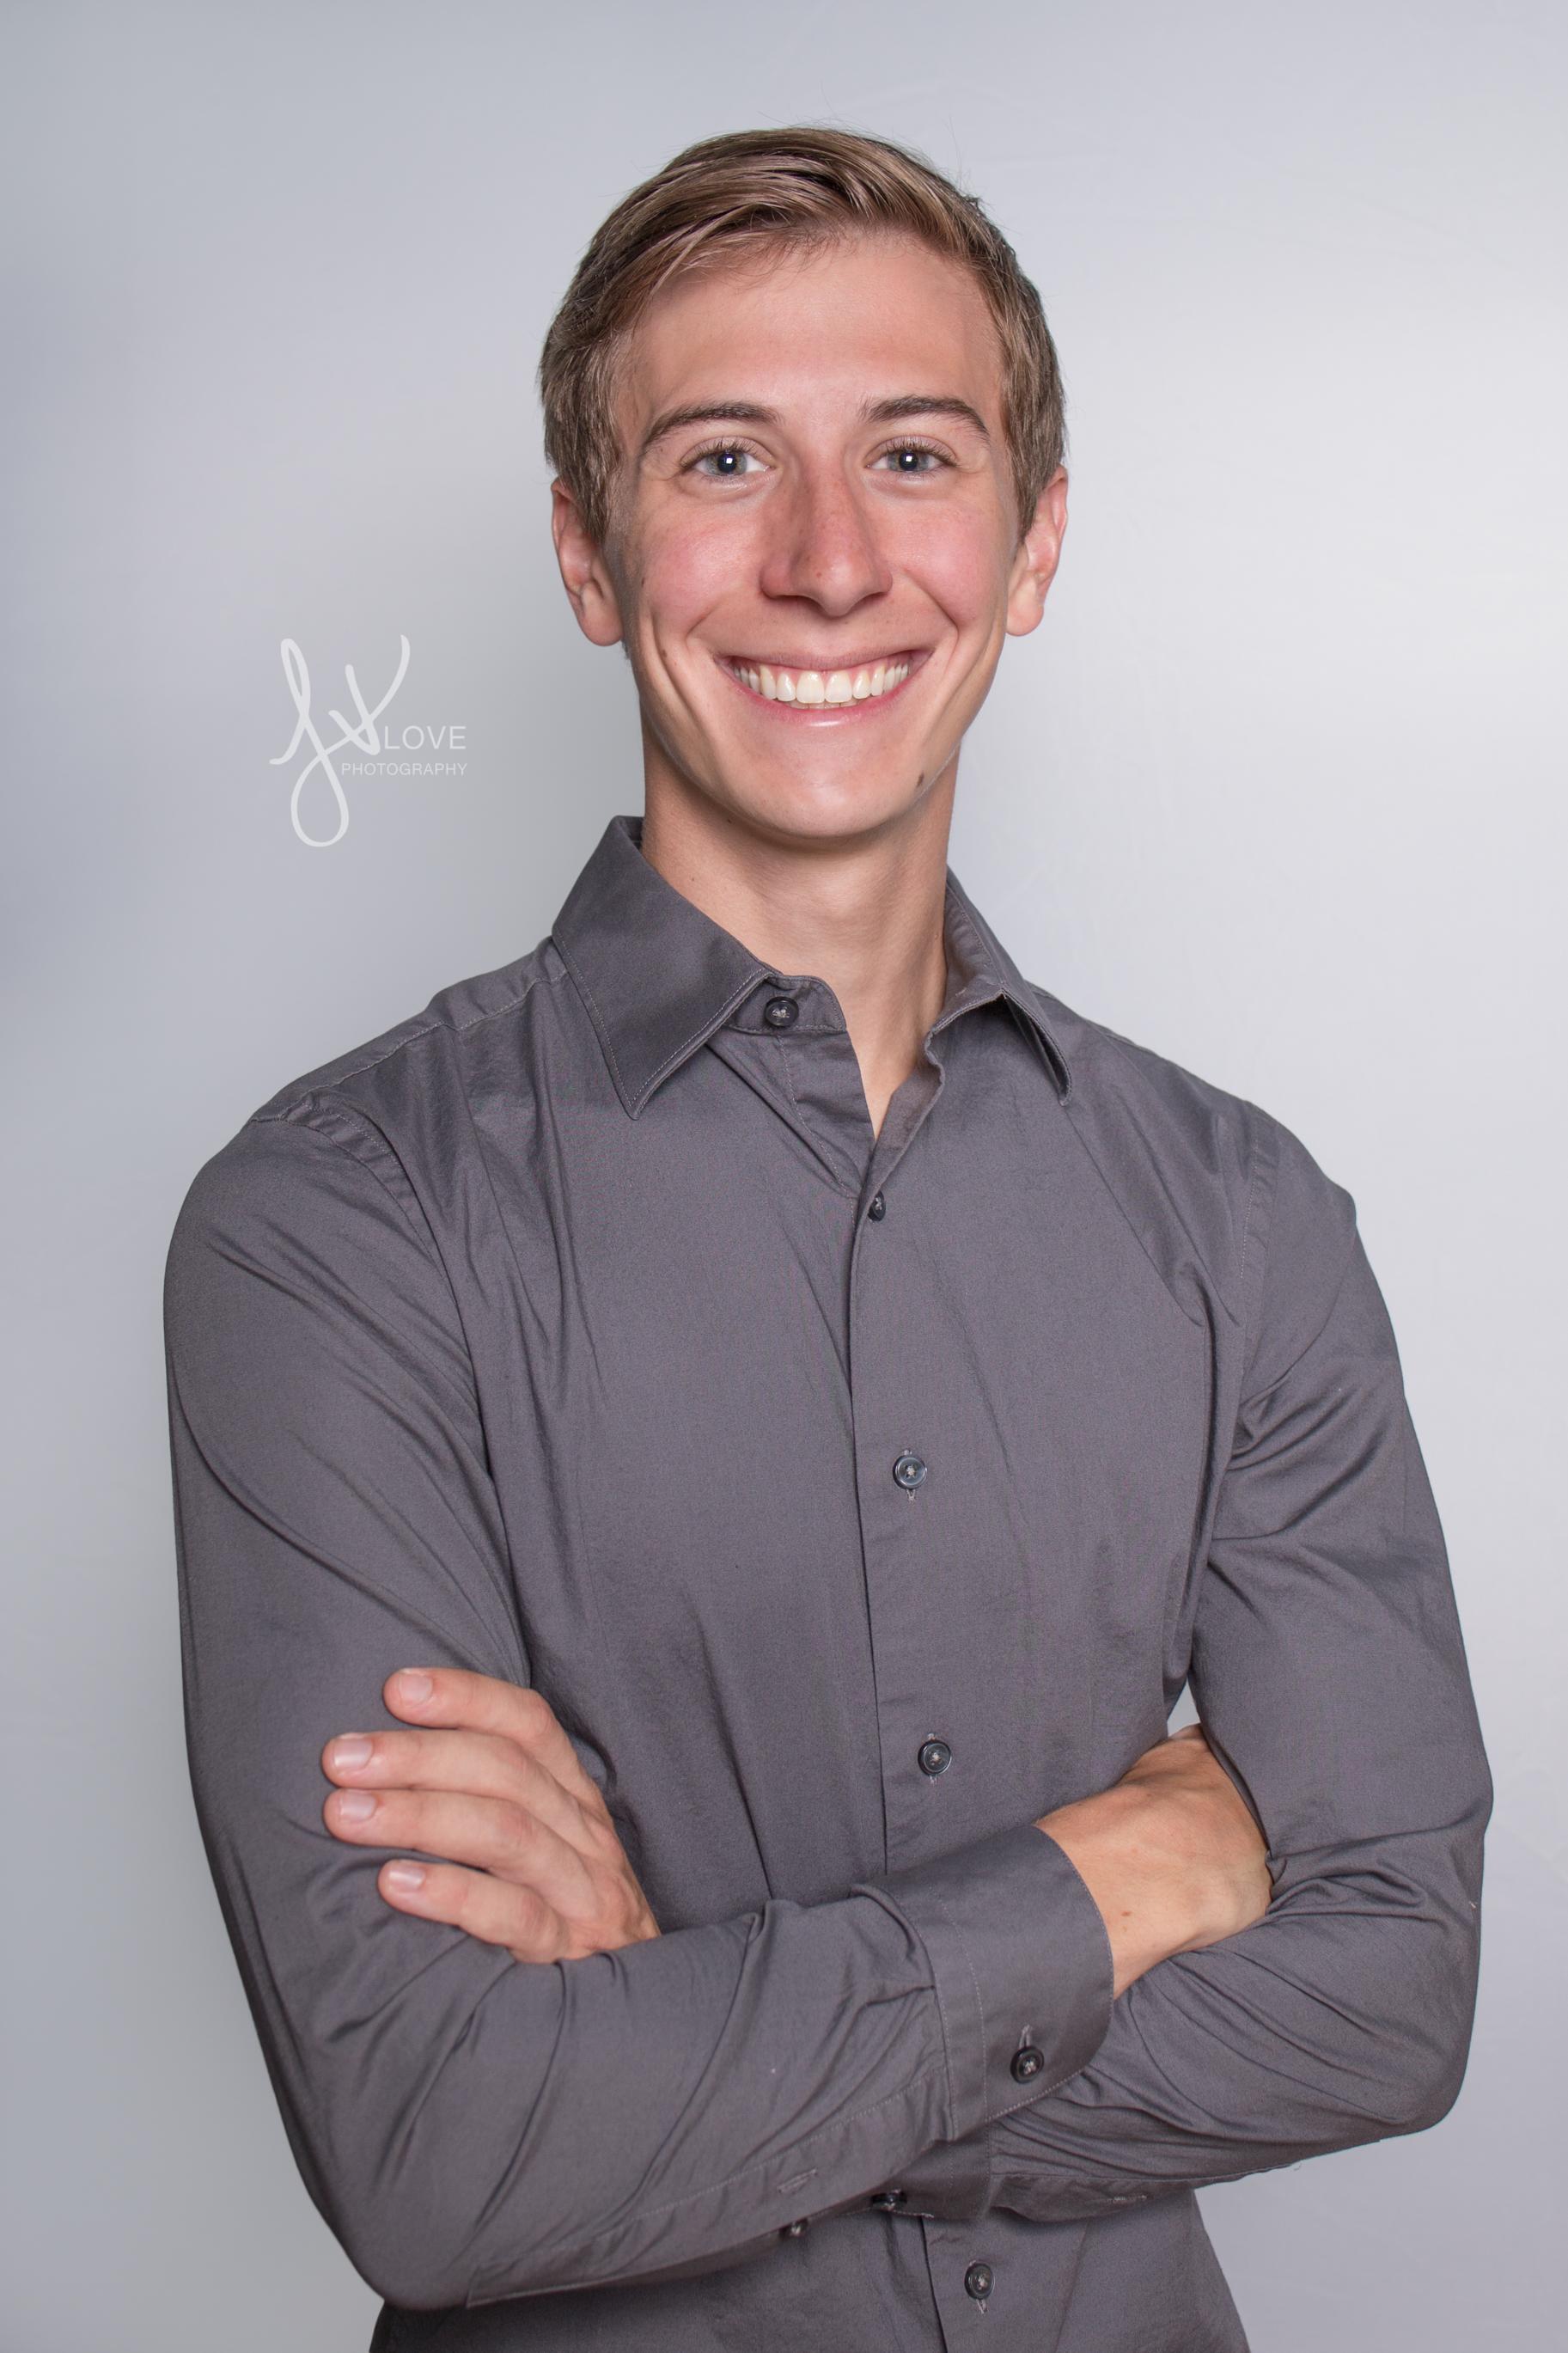 Jake (2 of 3)